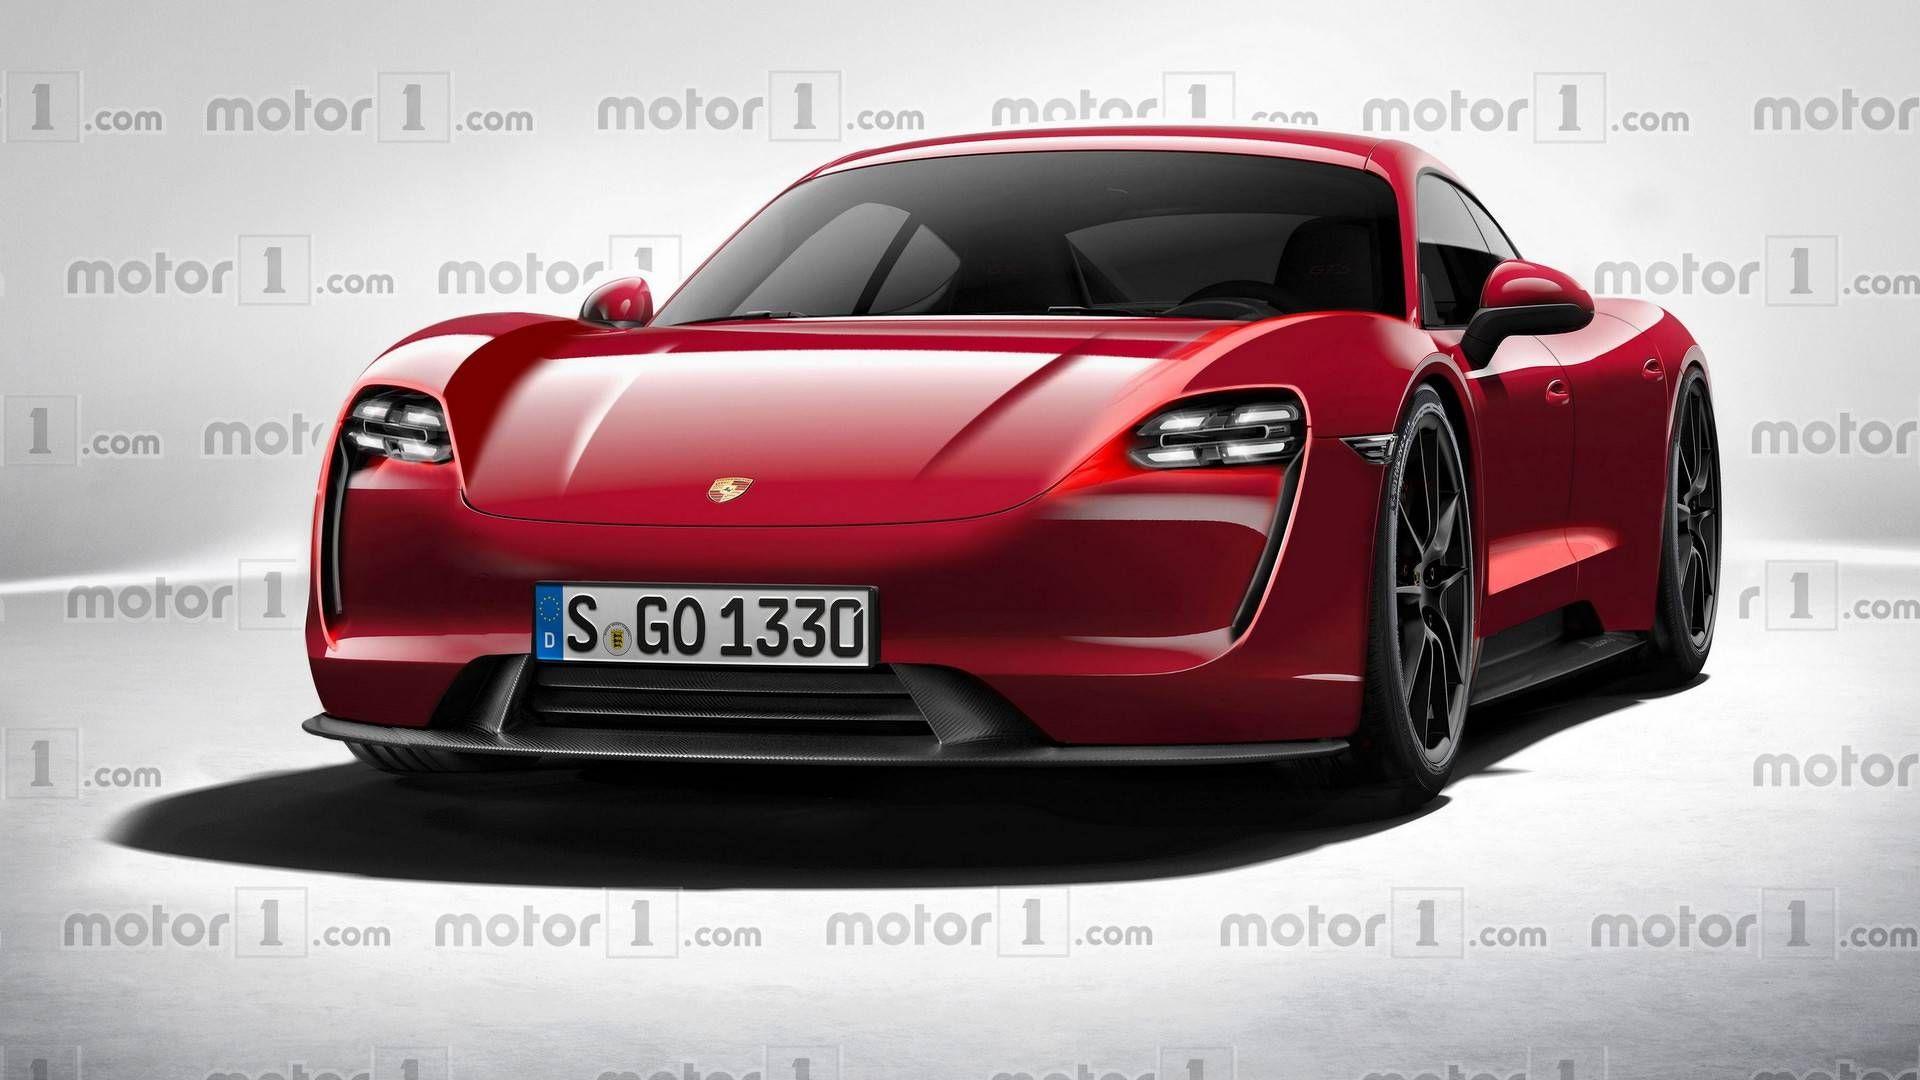 2020 Porsche Taycan Everything We Know 1920x1080